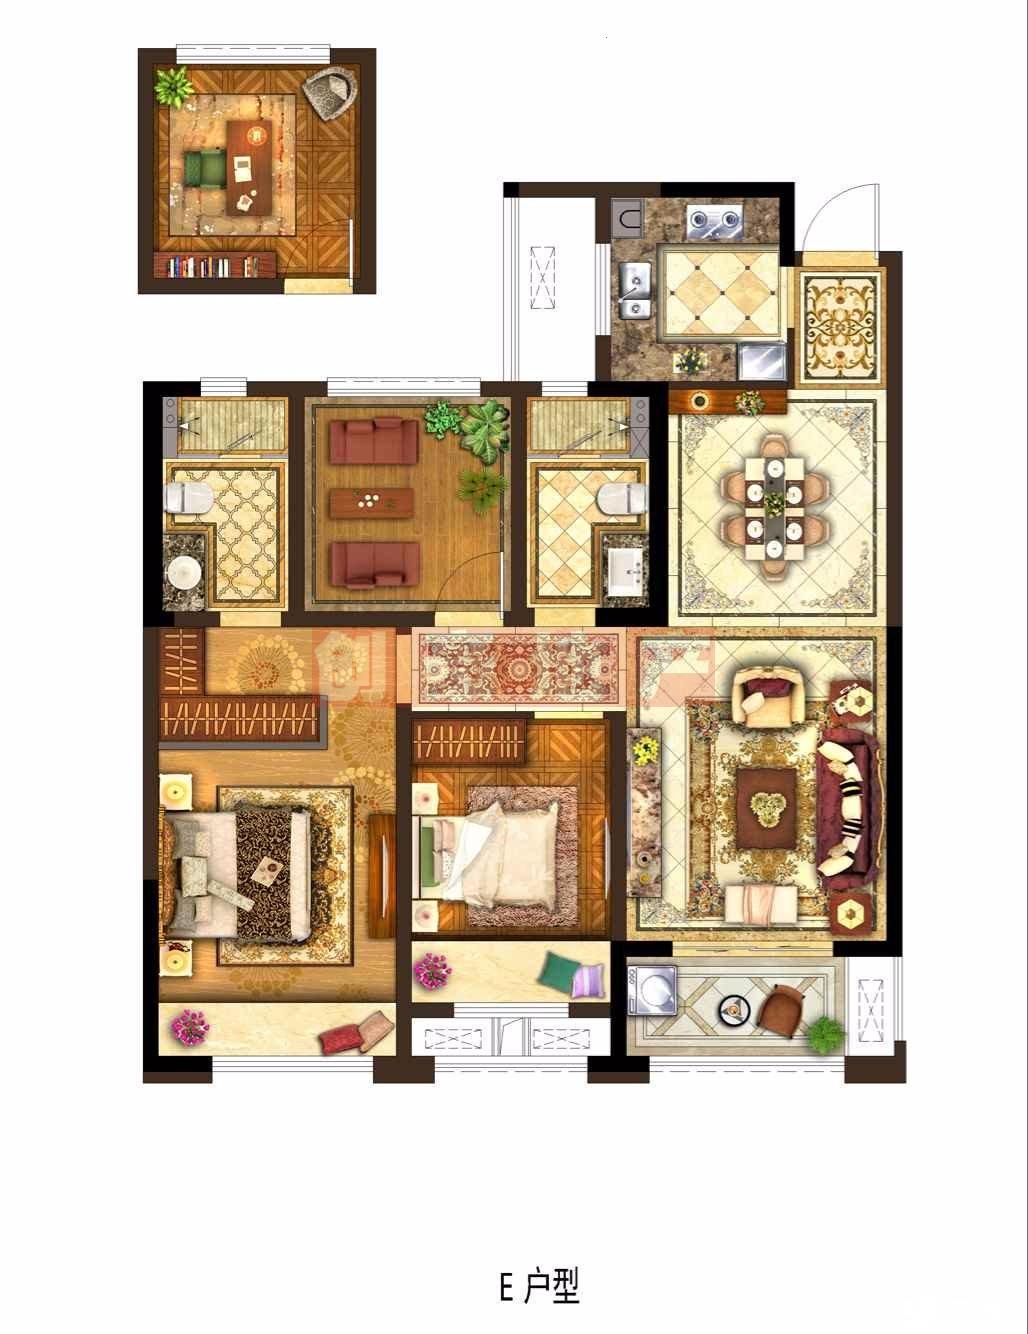 钟楼清枫公园保利公园九里 3室2厅2卫 100.53平米